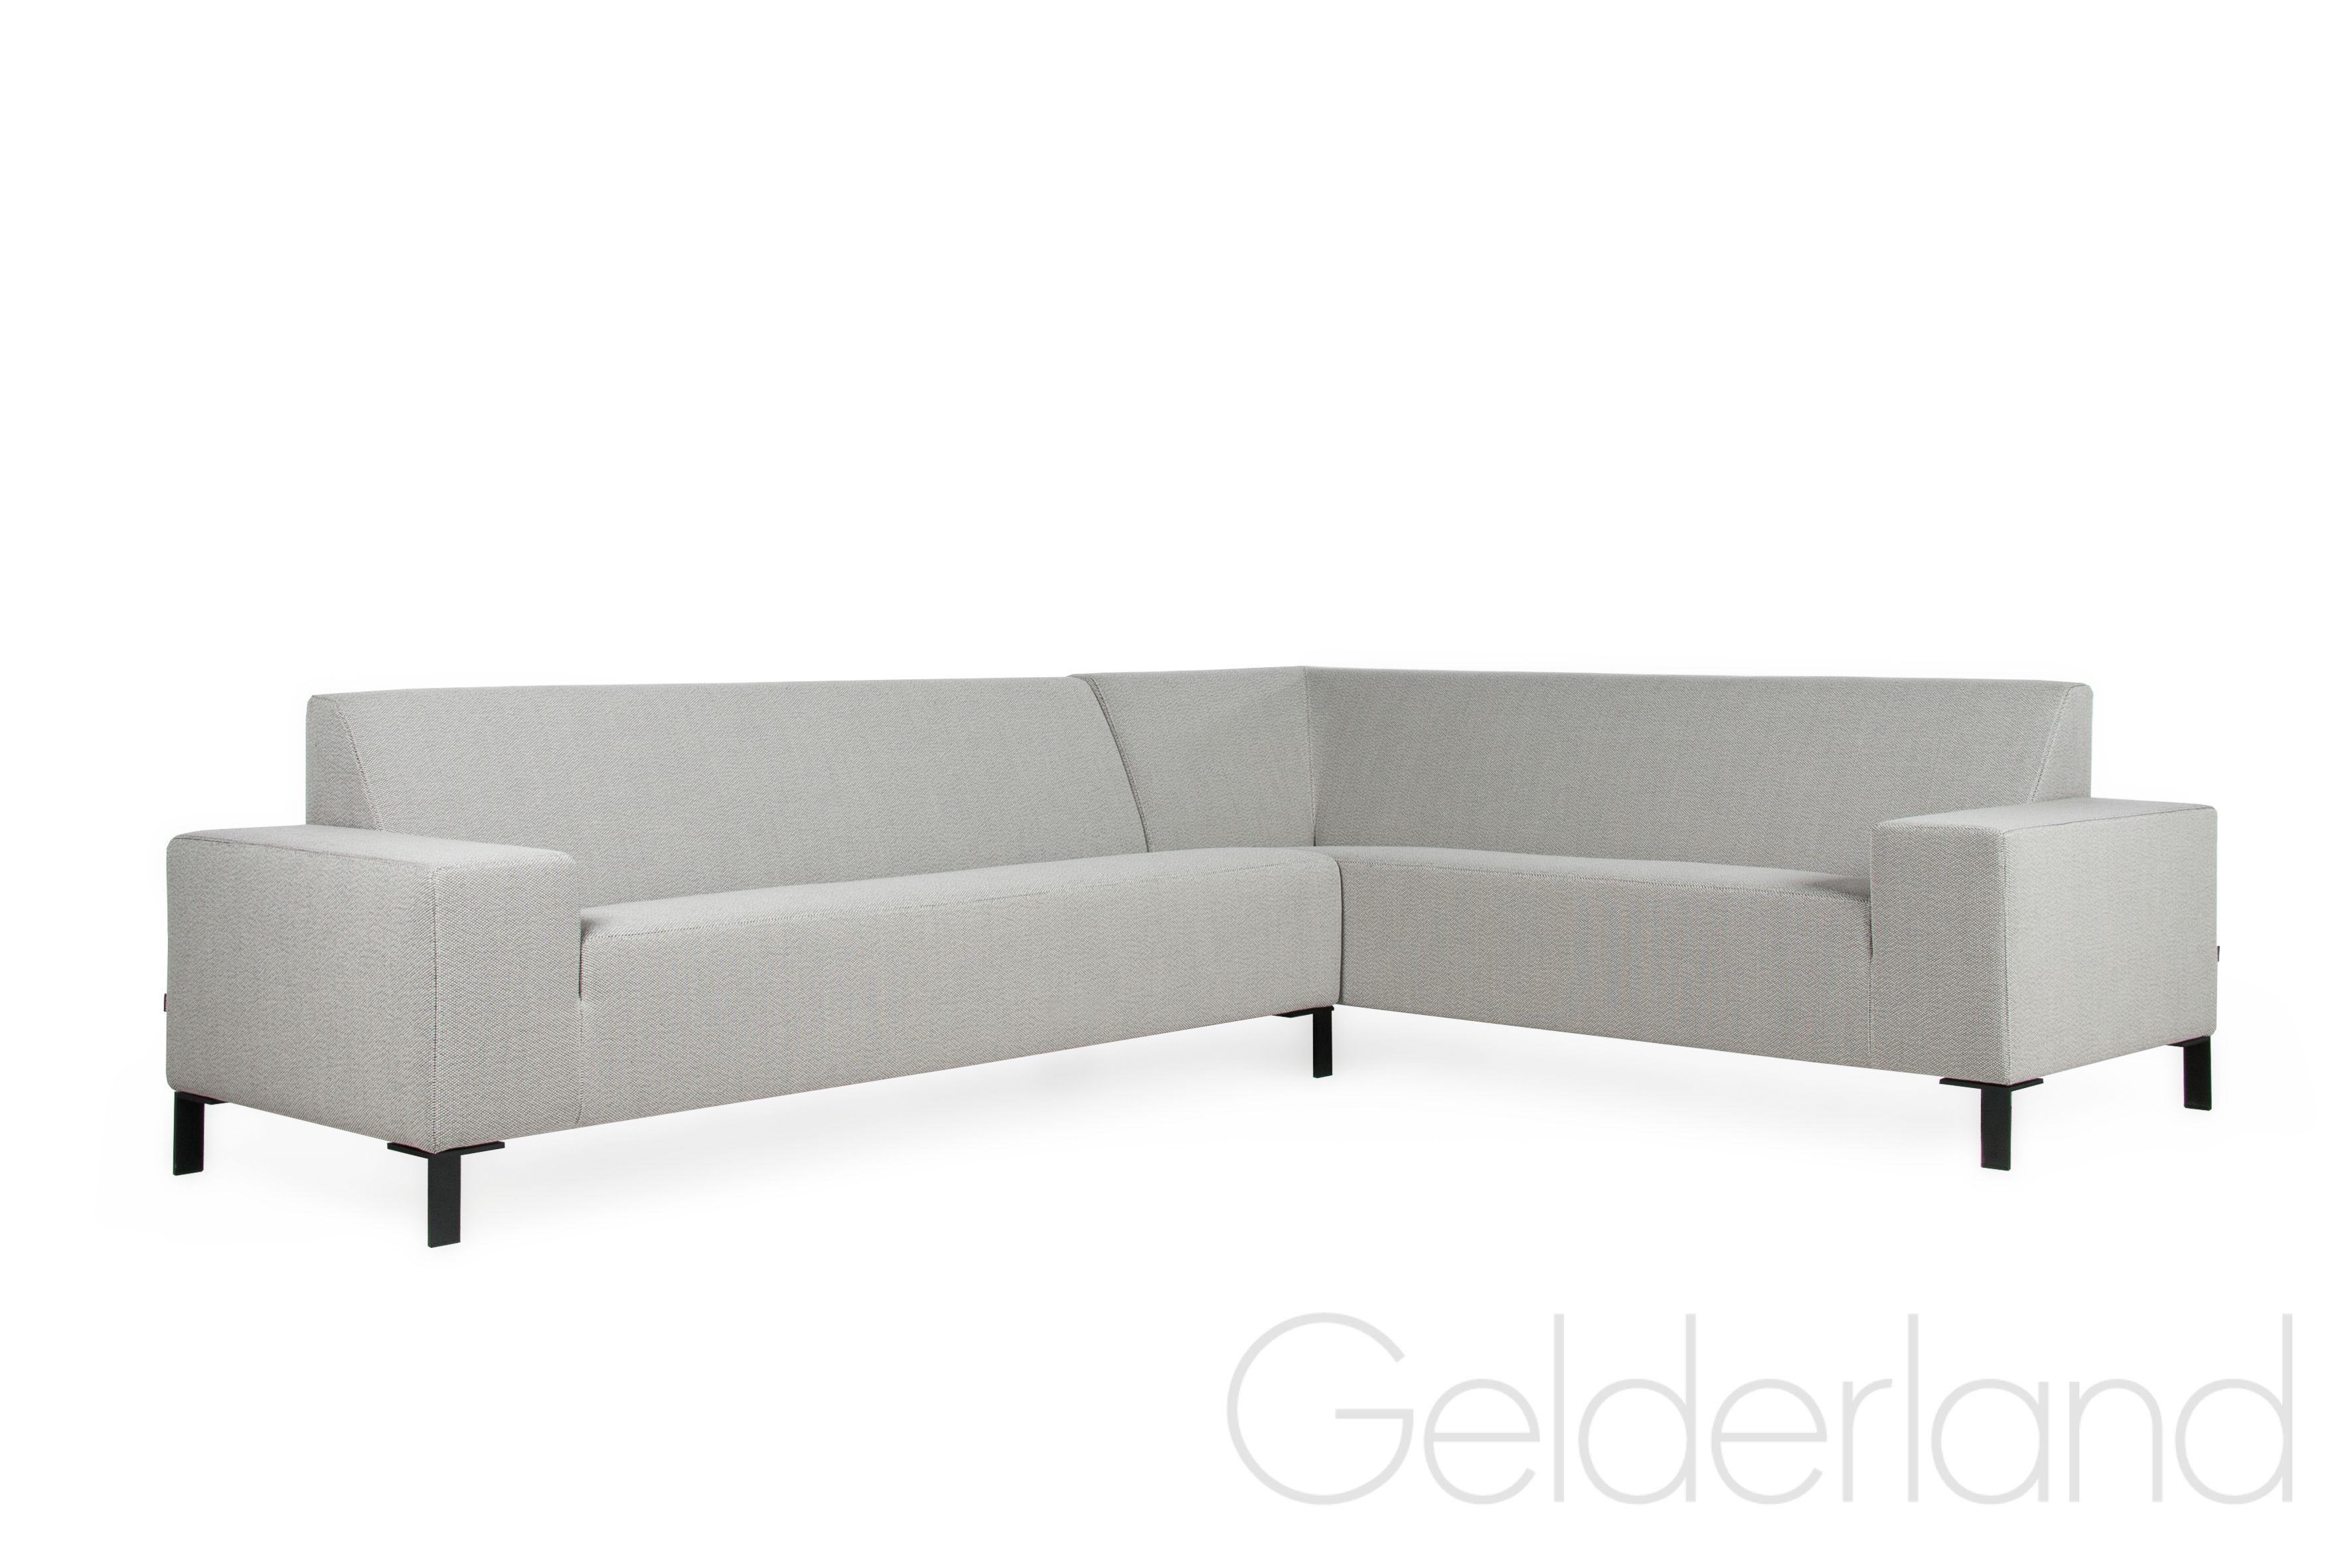 Welp Gelderland hoekbank 6511 design Jan des Bouvrie met zwarte poten XV-21